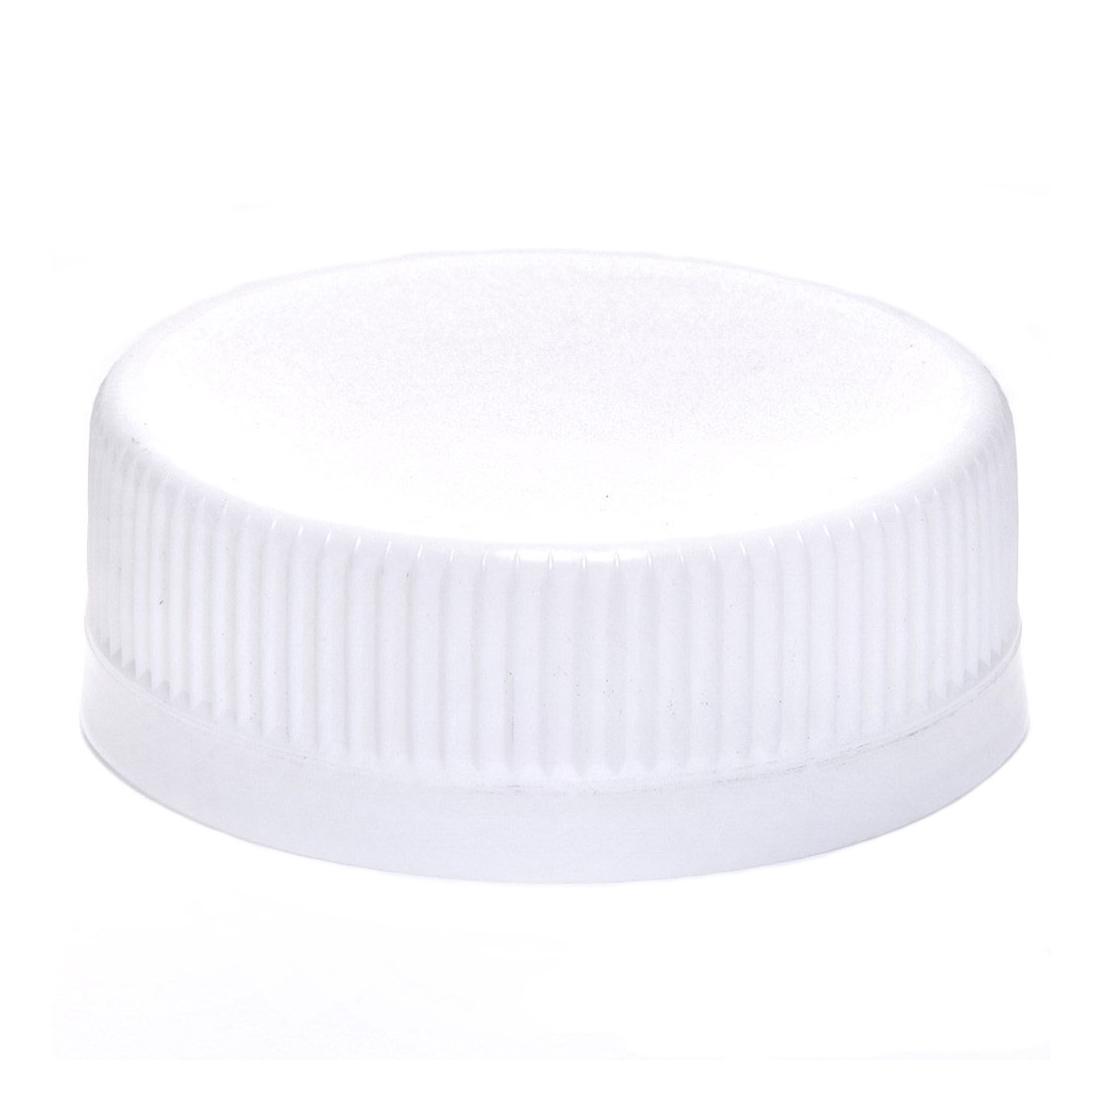 Пробка для бутылки ПЭТ, D38мм (широкое горло), белая, 50шт/уп